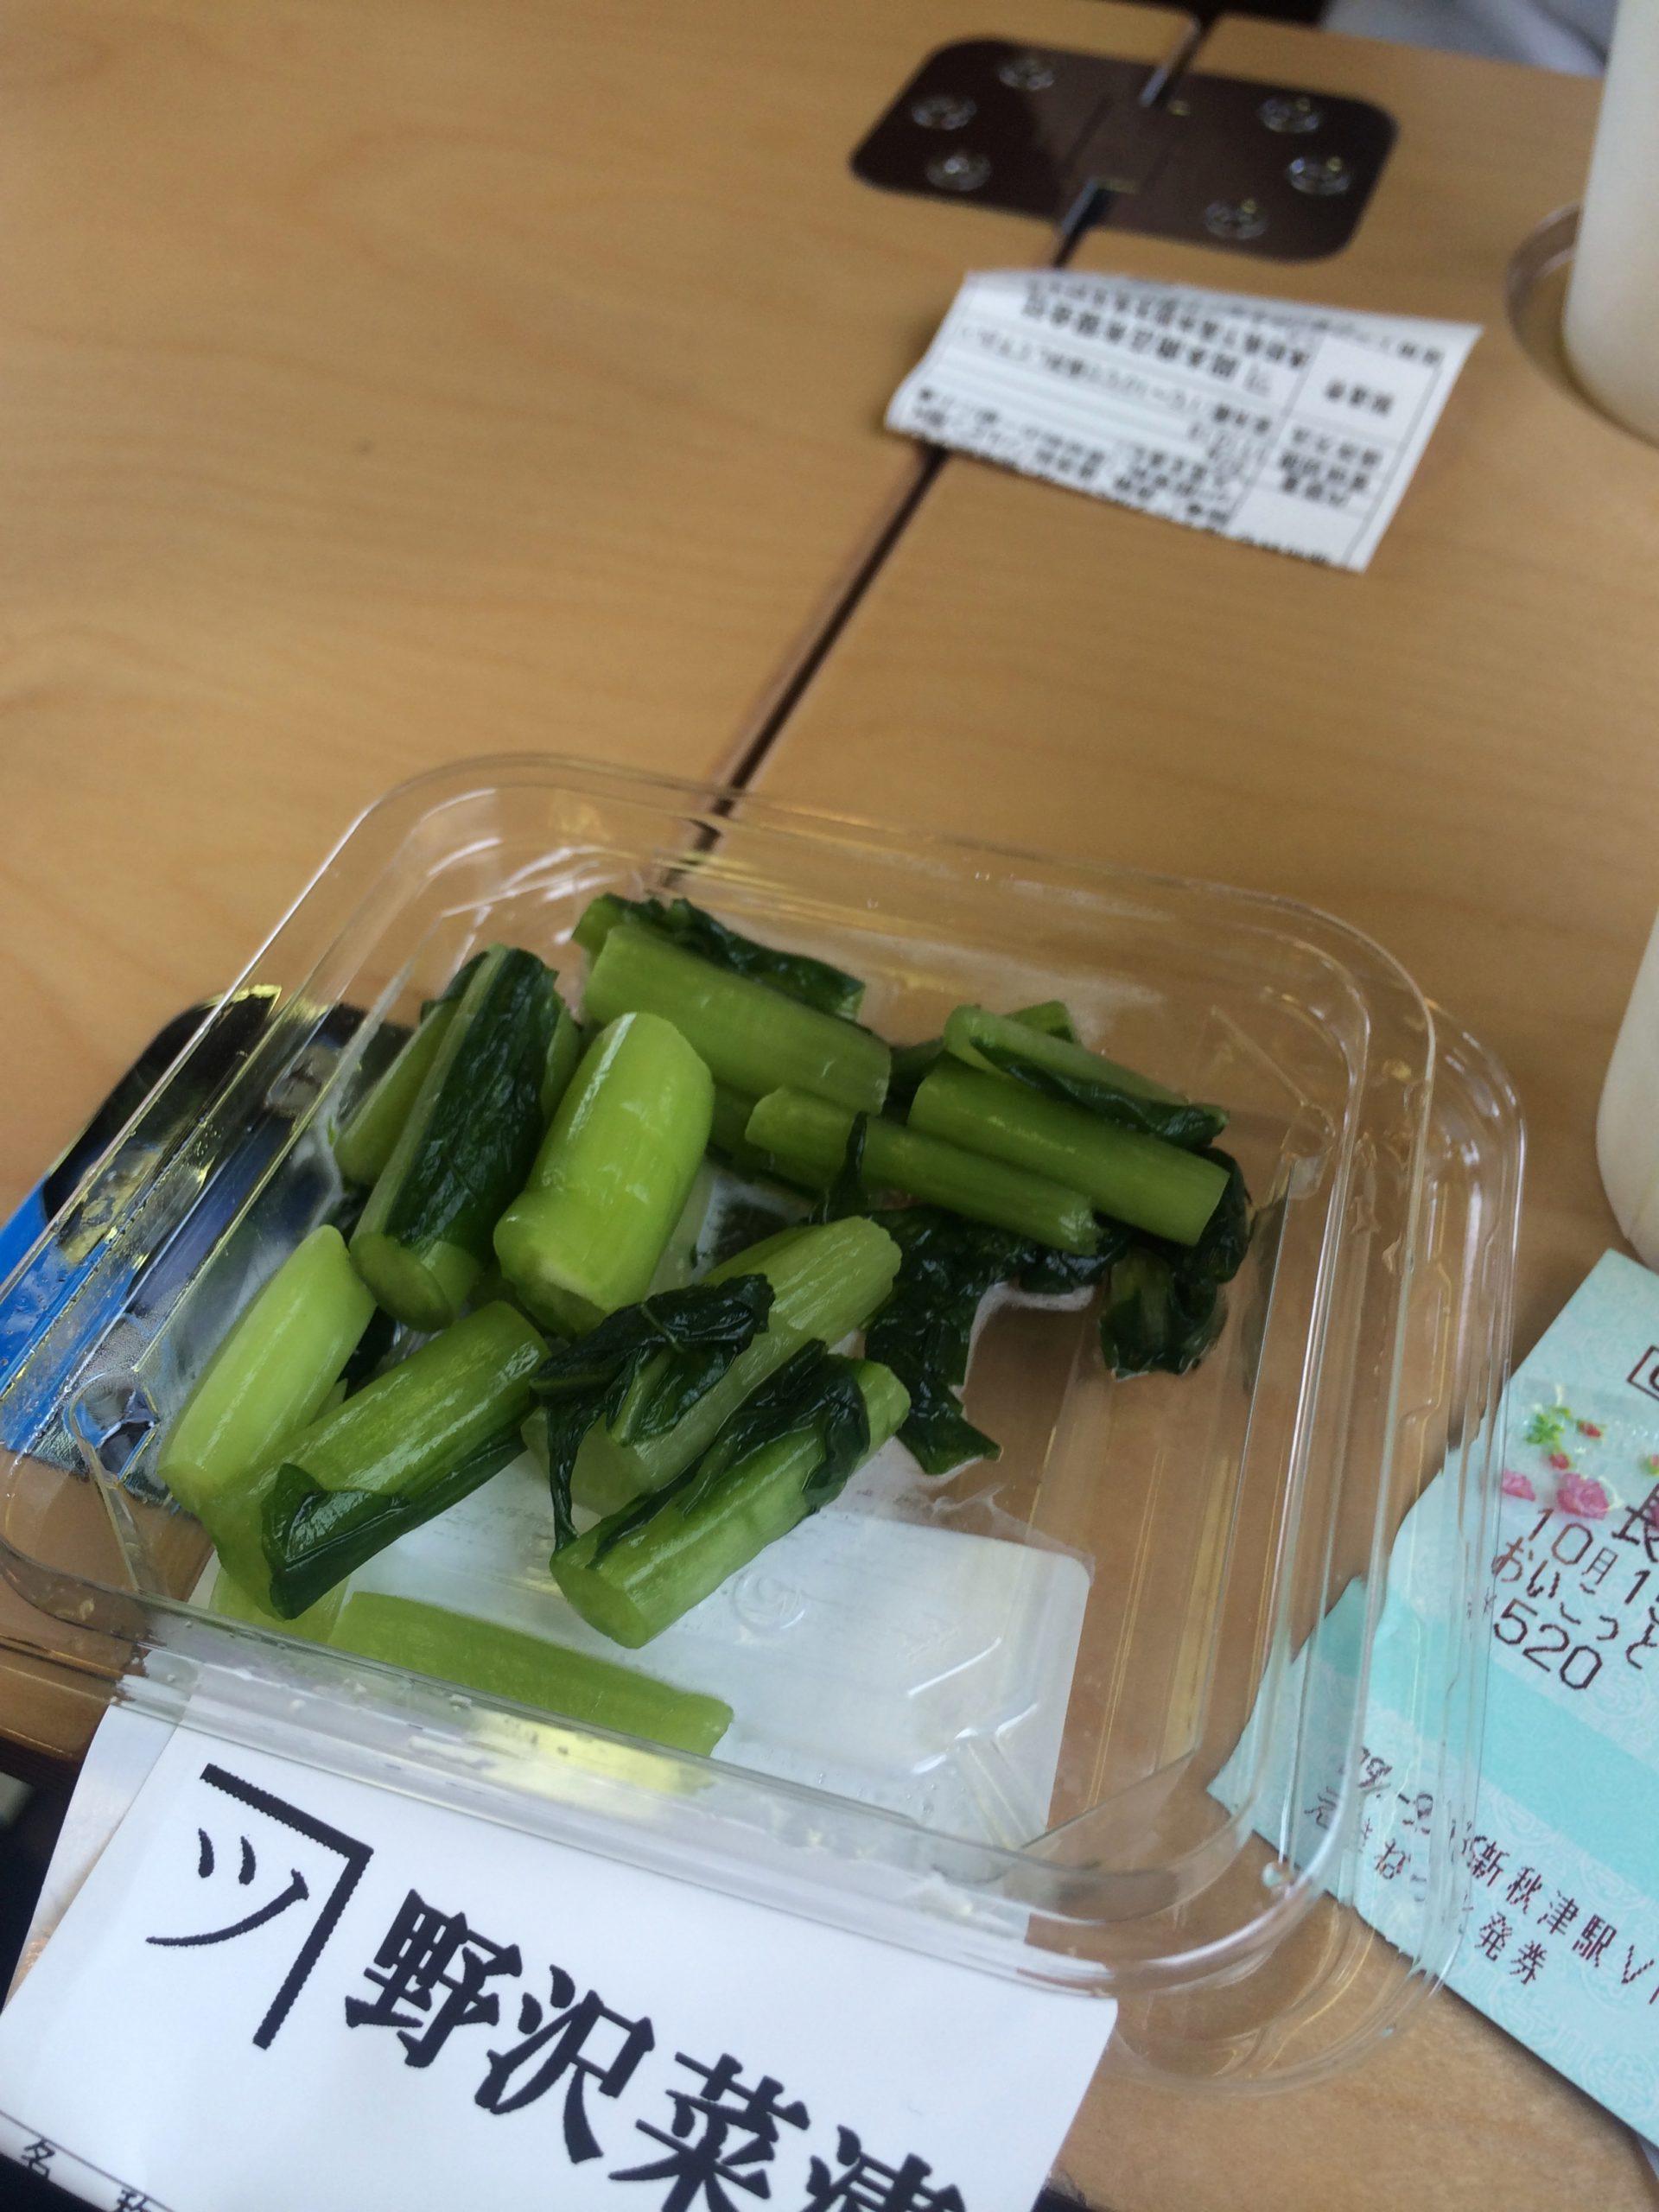 【アイモバリアルグルメツアー】志賀高原/飯山エリアで列車に乗りながら名物野沢菜漬けをいただく